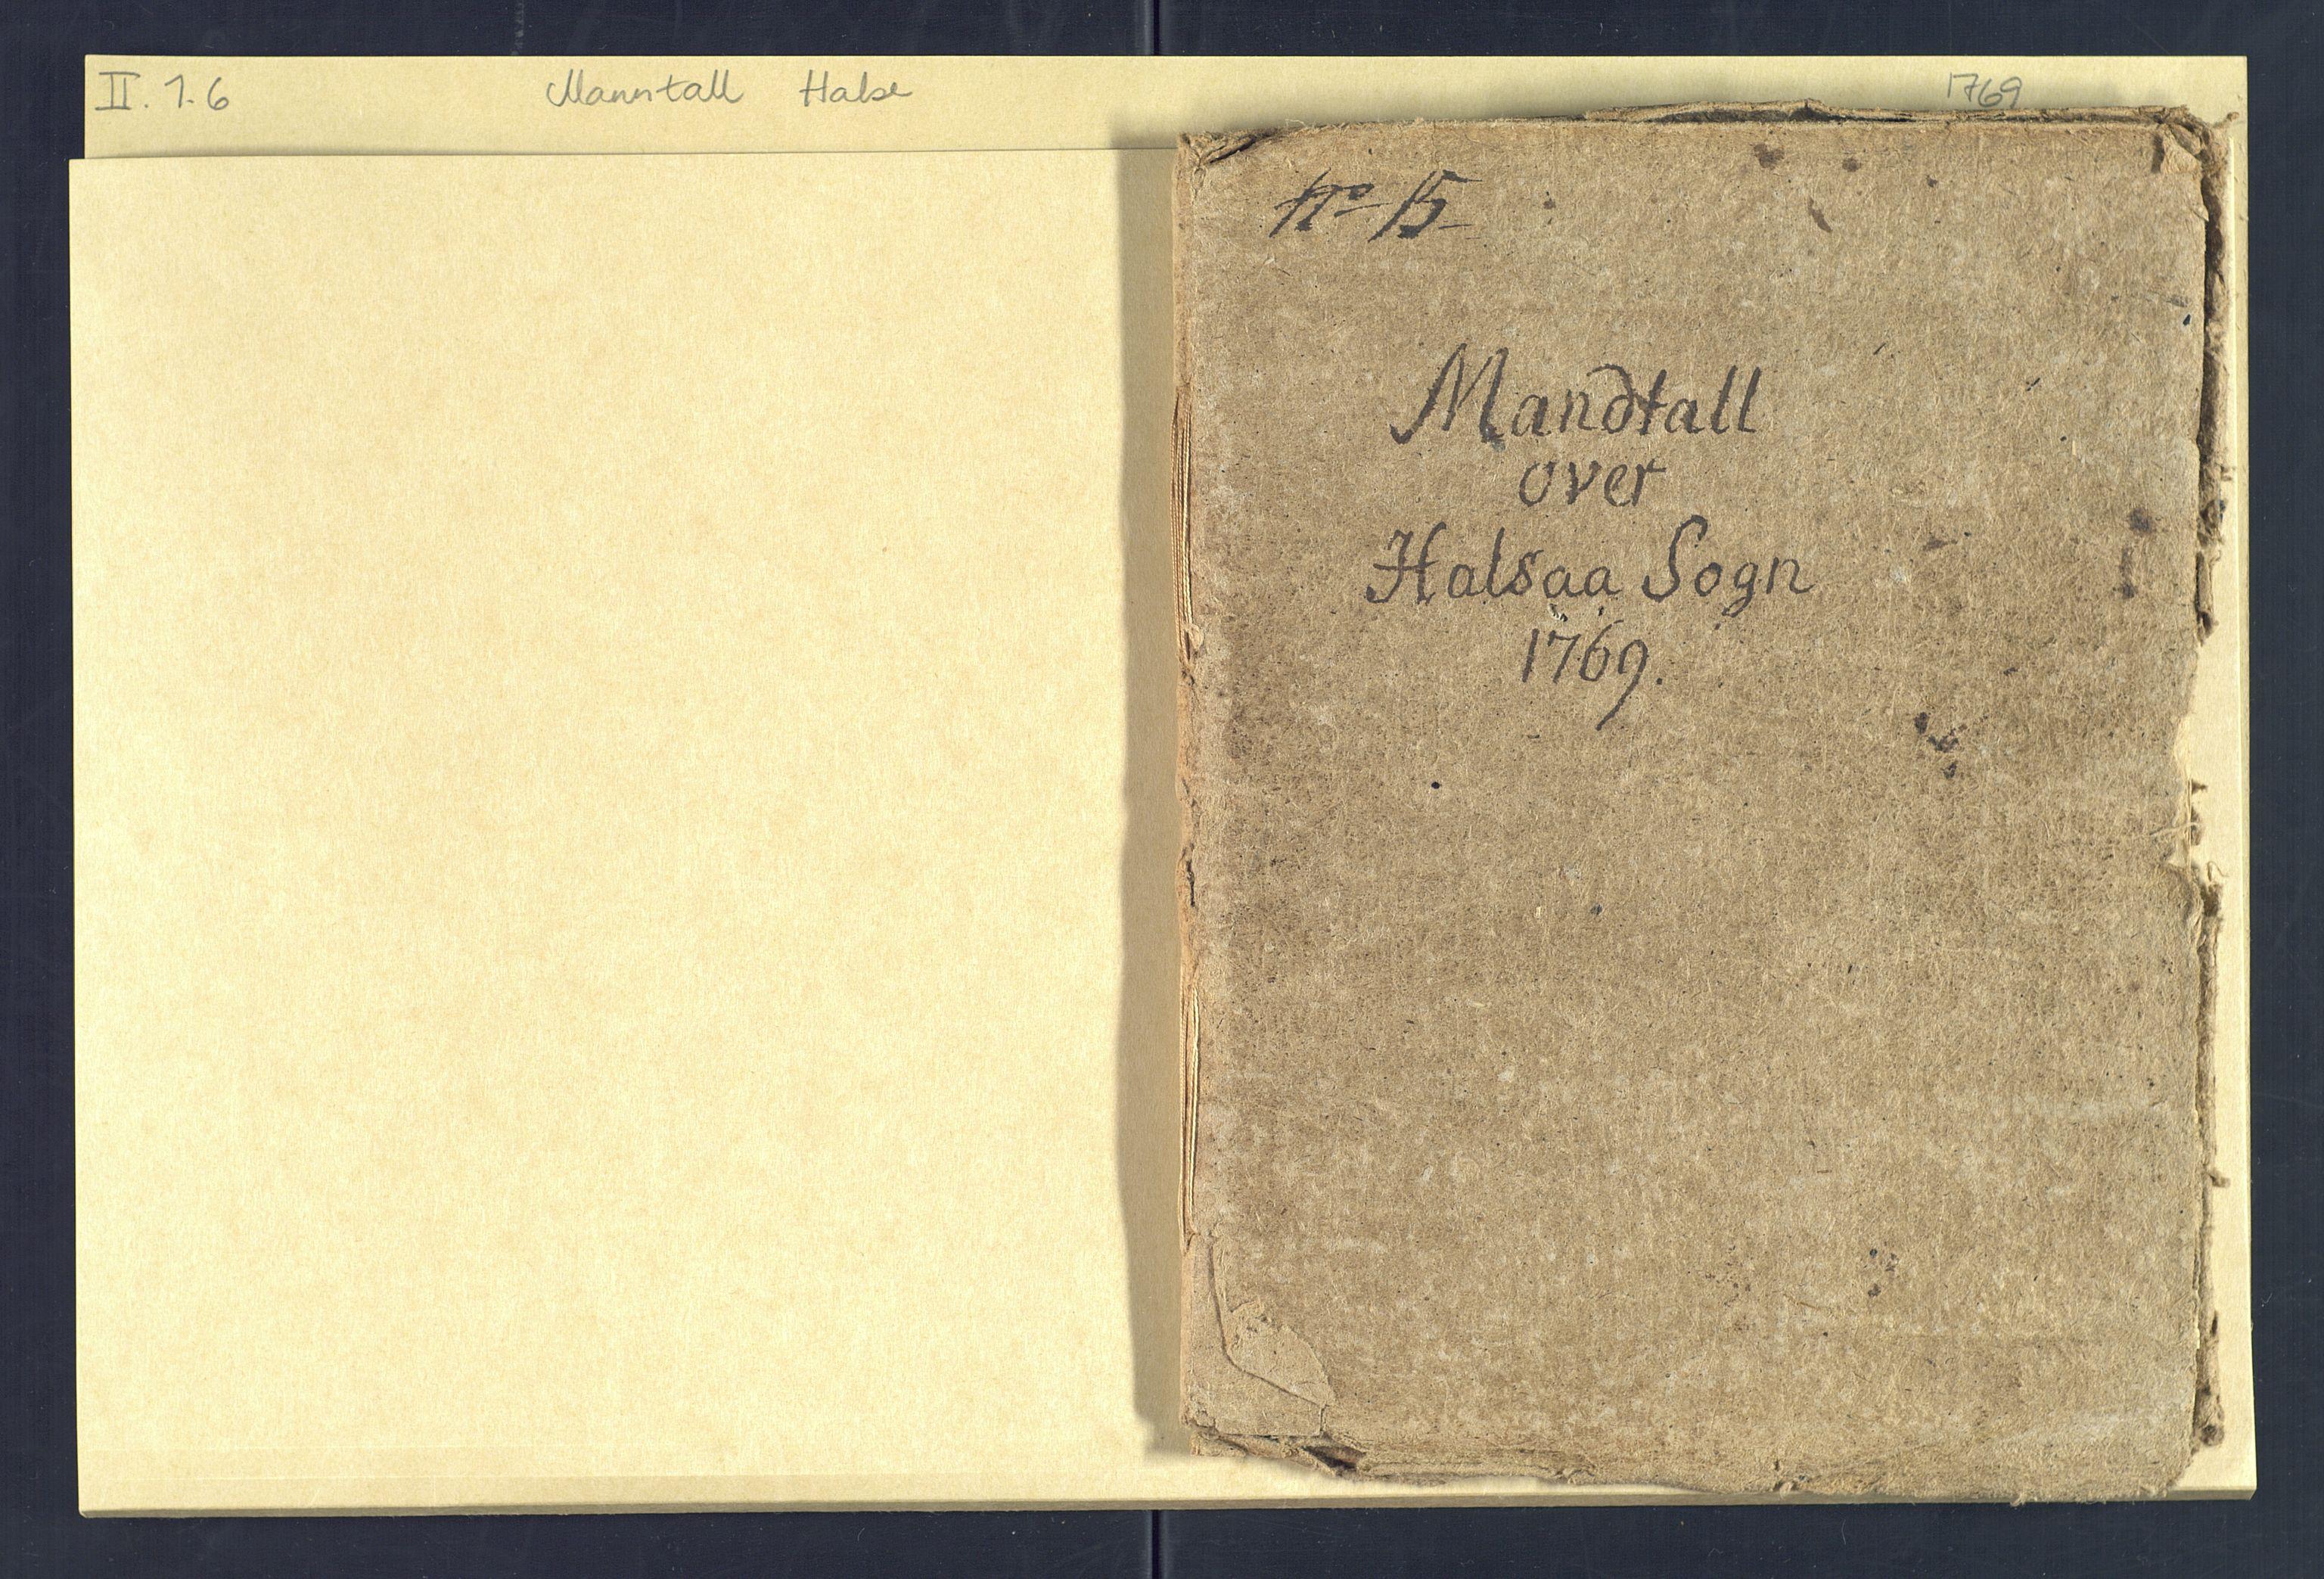 SAK, Holum sokneprestkontor, Andre øvrighetsfunksjoner, nr. 6: Manntall over alle mennesker som befant seg i Halse sokn 15. august 1769, 1769-1771, s. 1